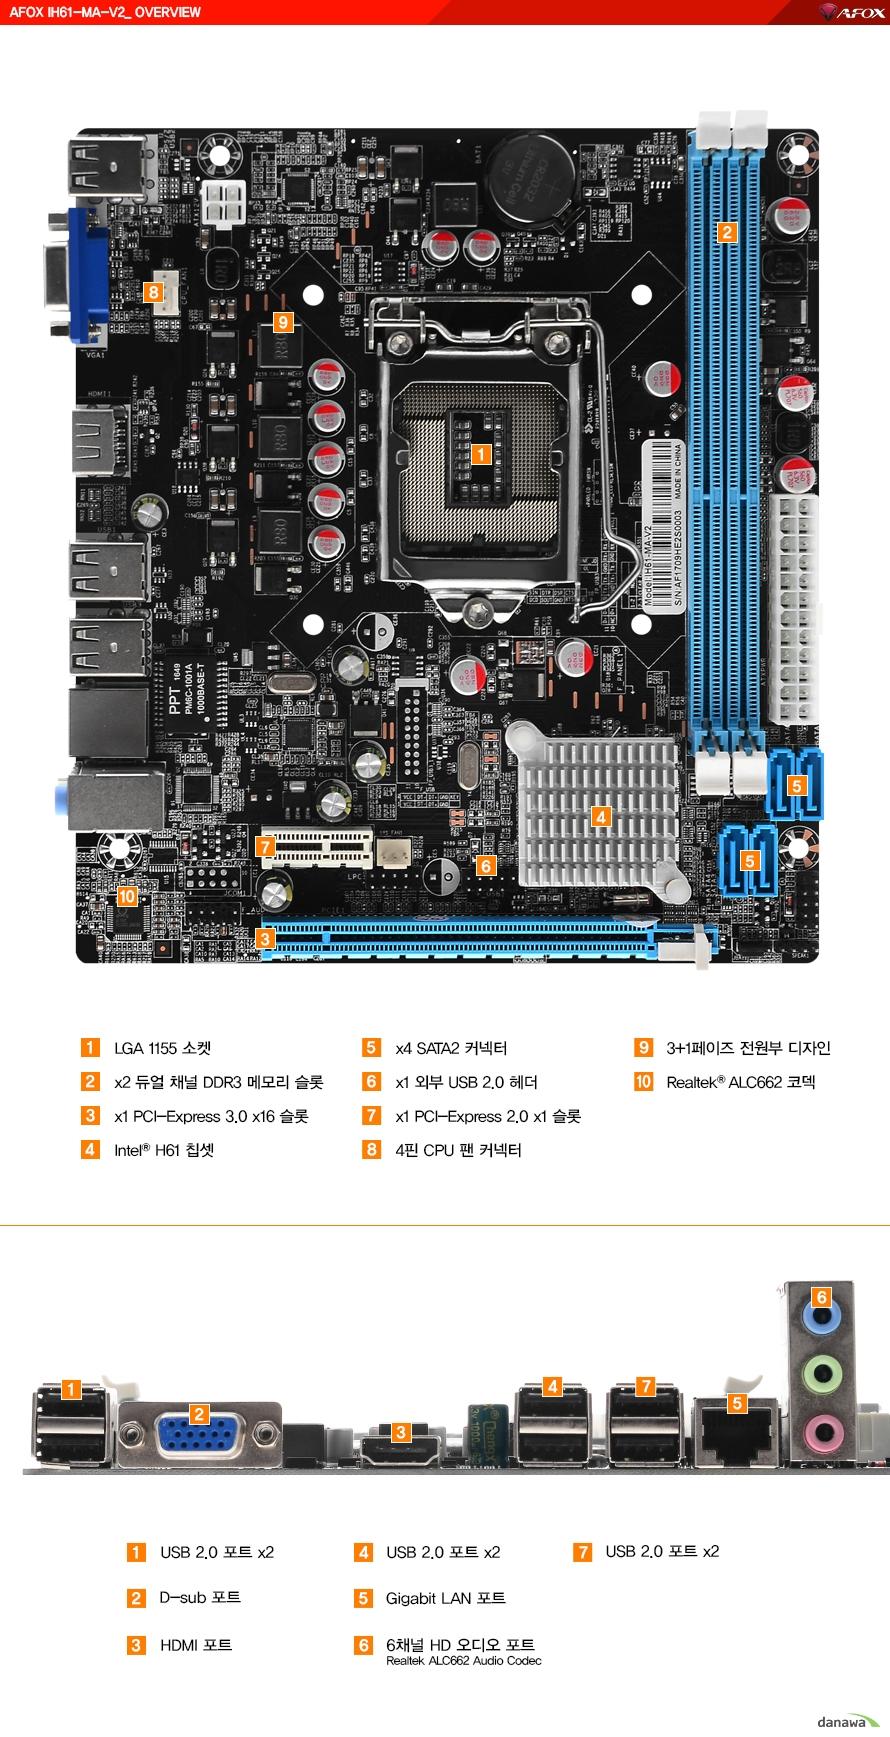 온보드 디자인LGA 1151소켓듀얼채널 DDR3 메모리 슬롯 2개PCI 익스프레스 3.0 16배속 슬롯 1개인텔 H61 칩셋SATA2 커넥터 4개외부 USB 2.0 헤더 1개PCI 익스프레스 2.0 1배속 슬롯 1개4핀 CPU 팬 커넥터3+1 페이즈 전원부 디자인리얼텍 ALC662 코덱 후면 포트USB 2.0 포트 6개D SUB포트 1개HDMI 포트 1개기가비트 랜 포트6채널 HD 오디오 포트